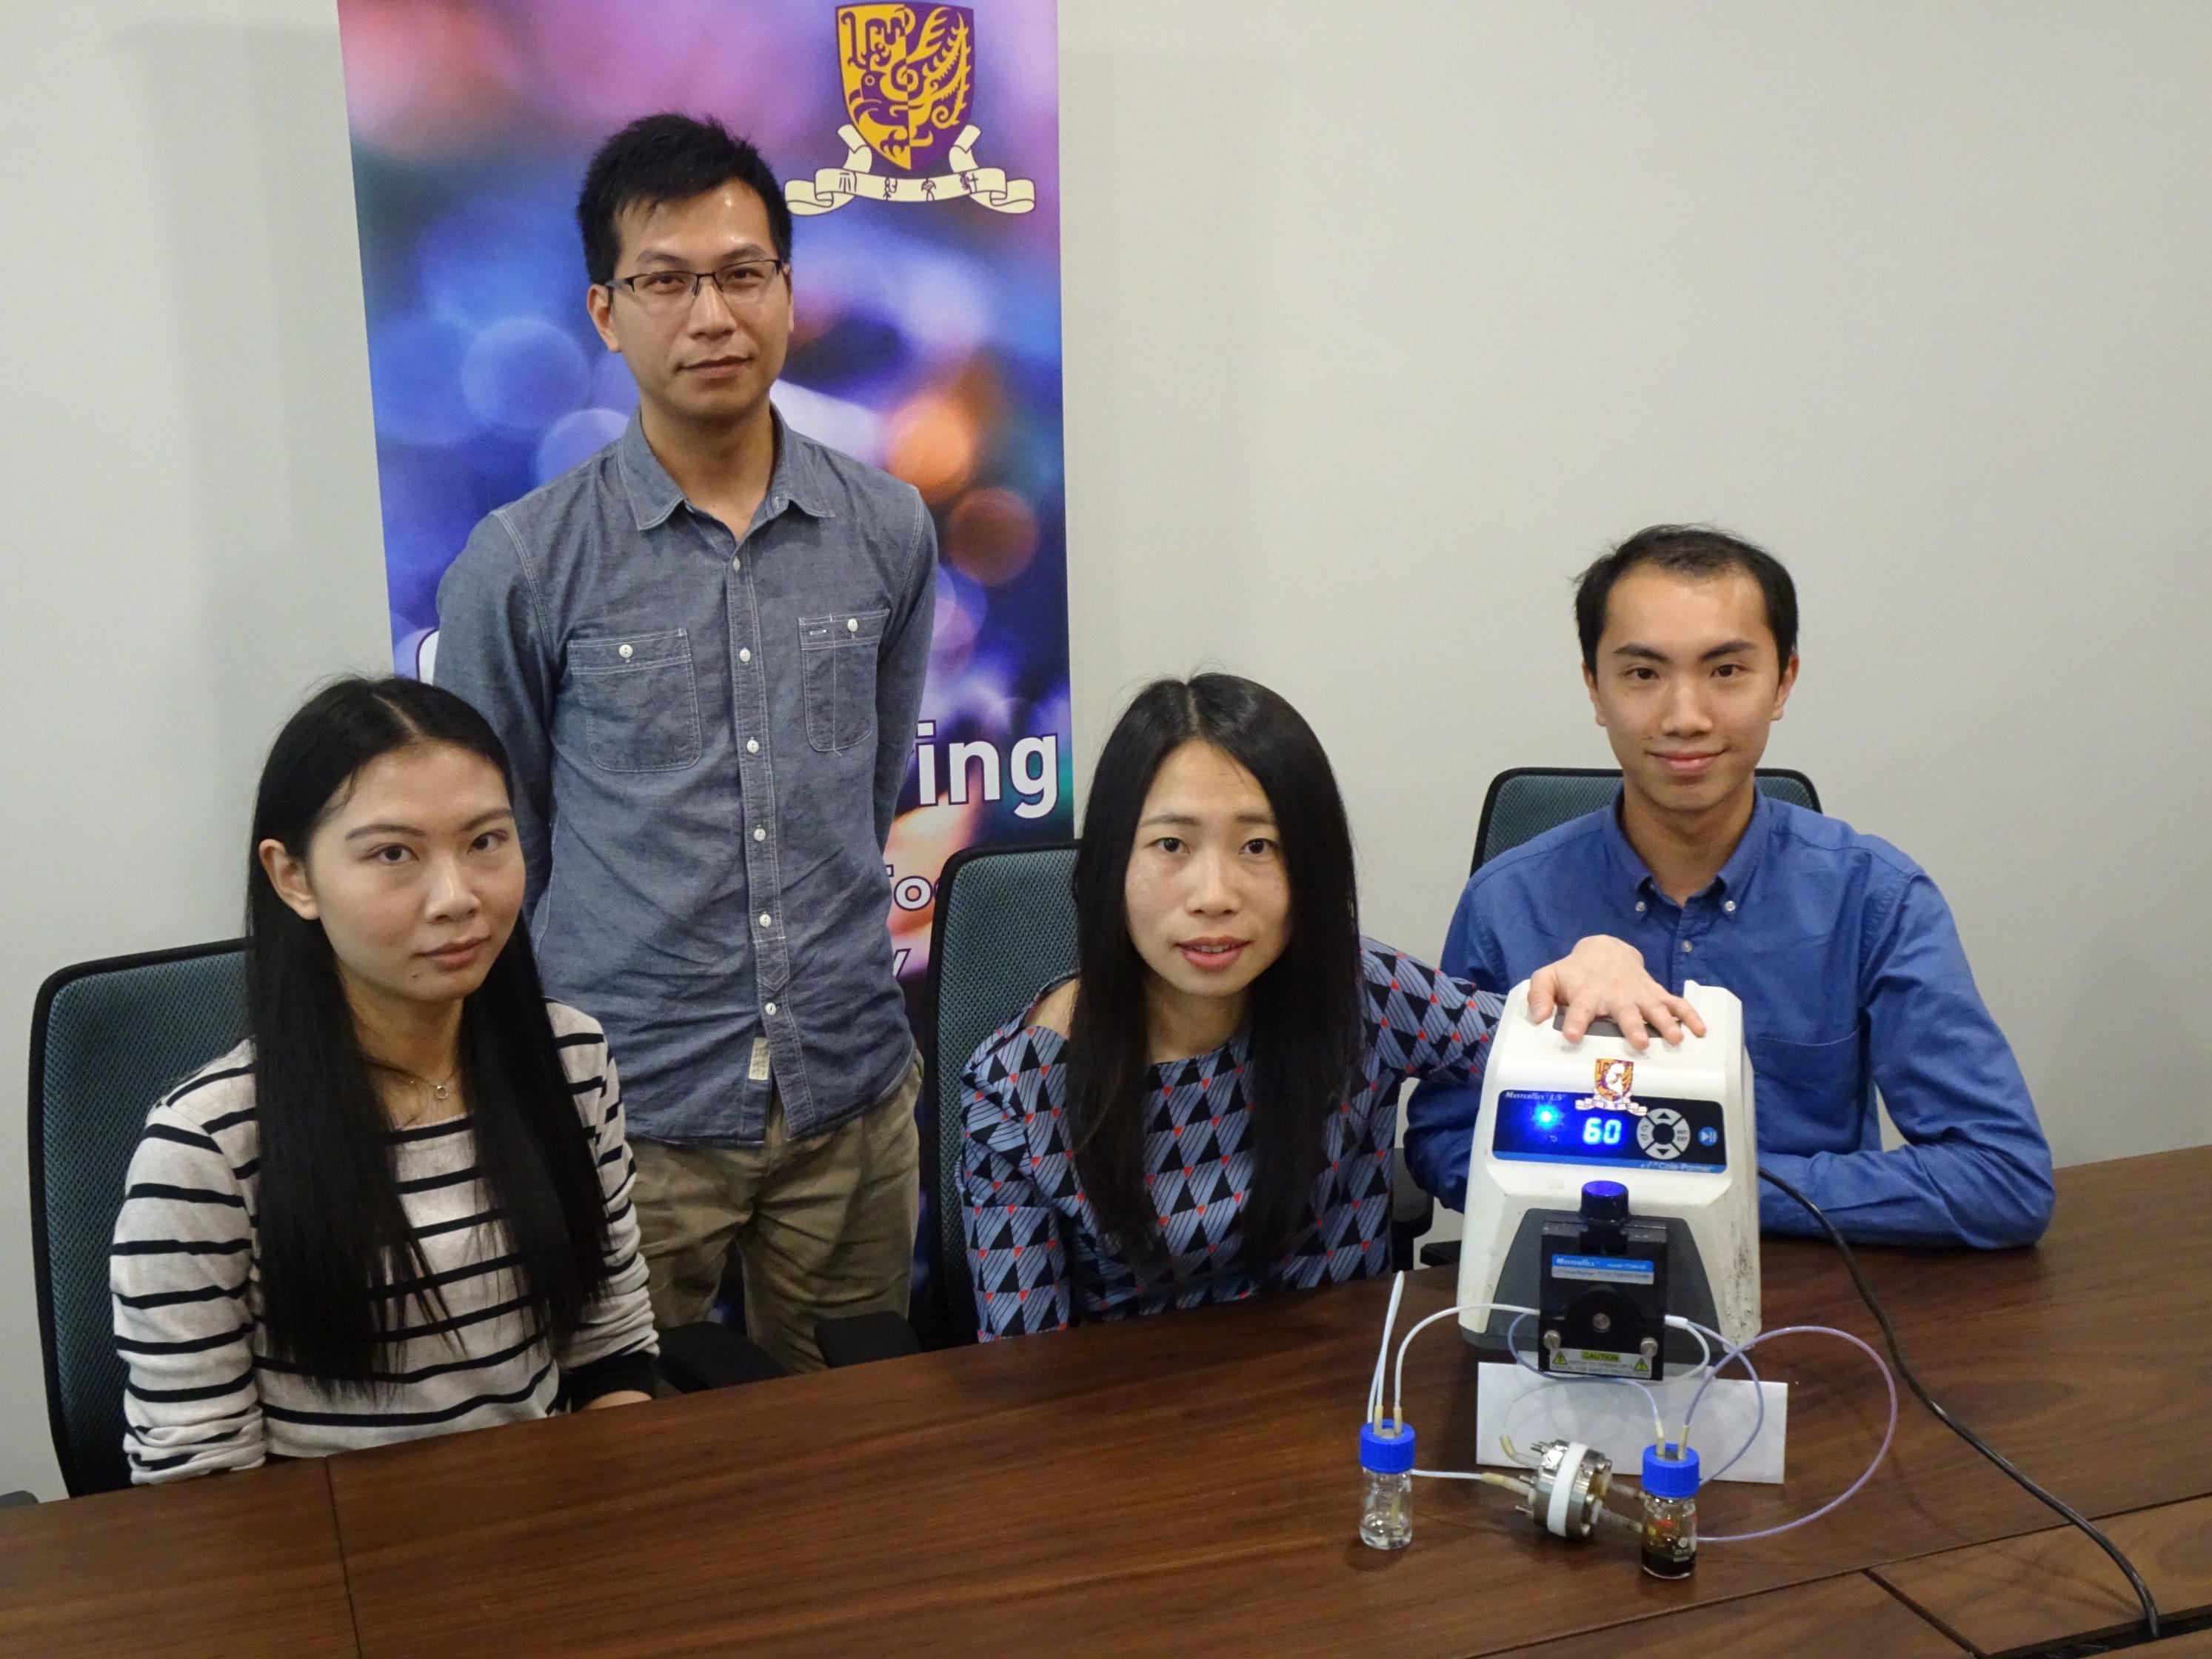 (左起)中大機械與自動化工程學系博士研究生李喆珺小姐、副研究員翁國明博士、盧怡君教授,以及研究助理譚朗彥先生。